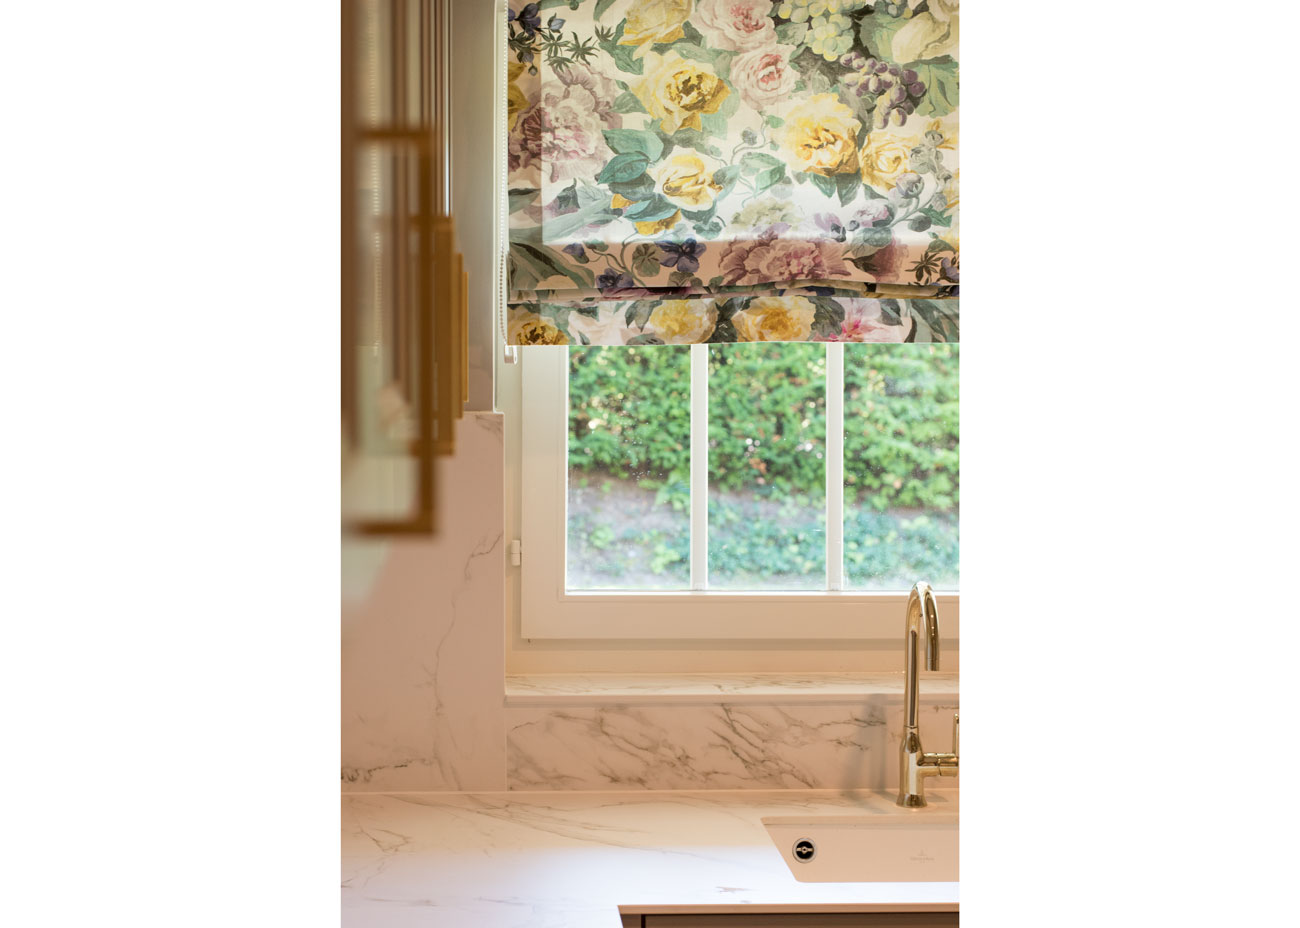 haus renovierung ideen küche marmor taupe fronten raffrollo blumen wasserhahn gold